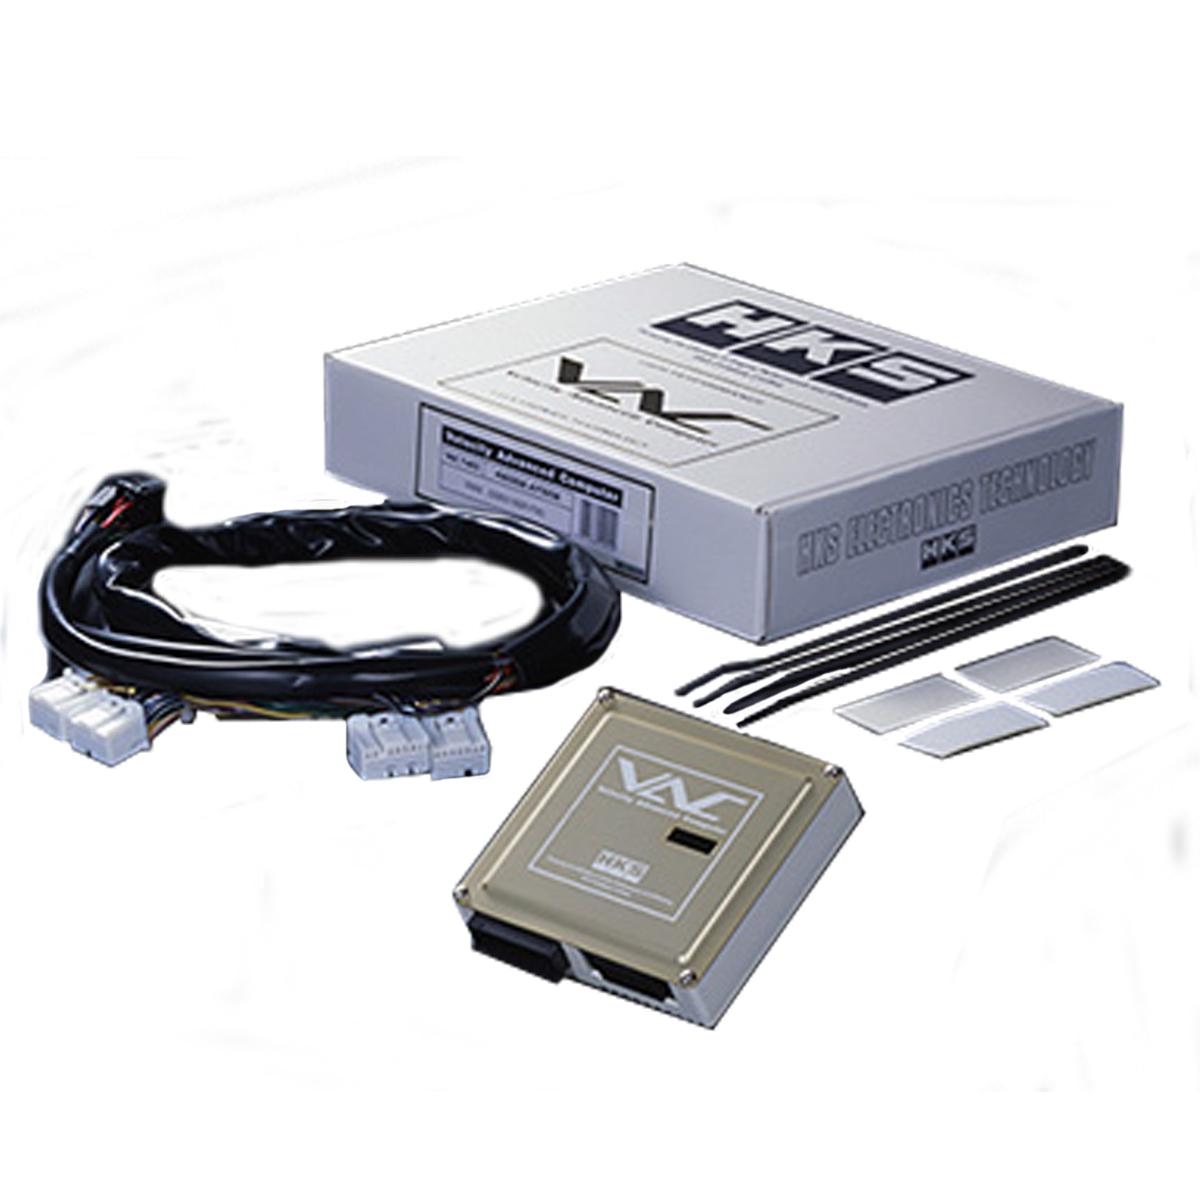 汎用 スピードリミッターカット VAC ヴェロシティー アドバンスド コンピューター HKS 45002-AT002 エレクトリニクス 個人宅発送追金有